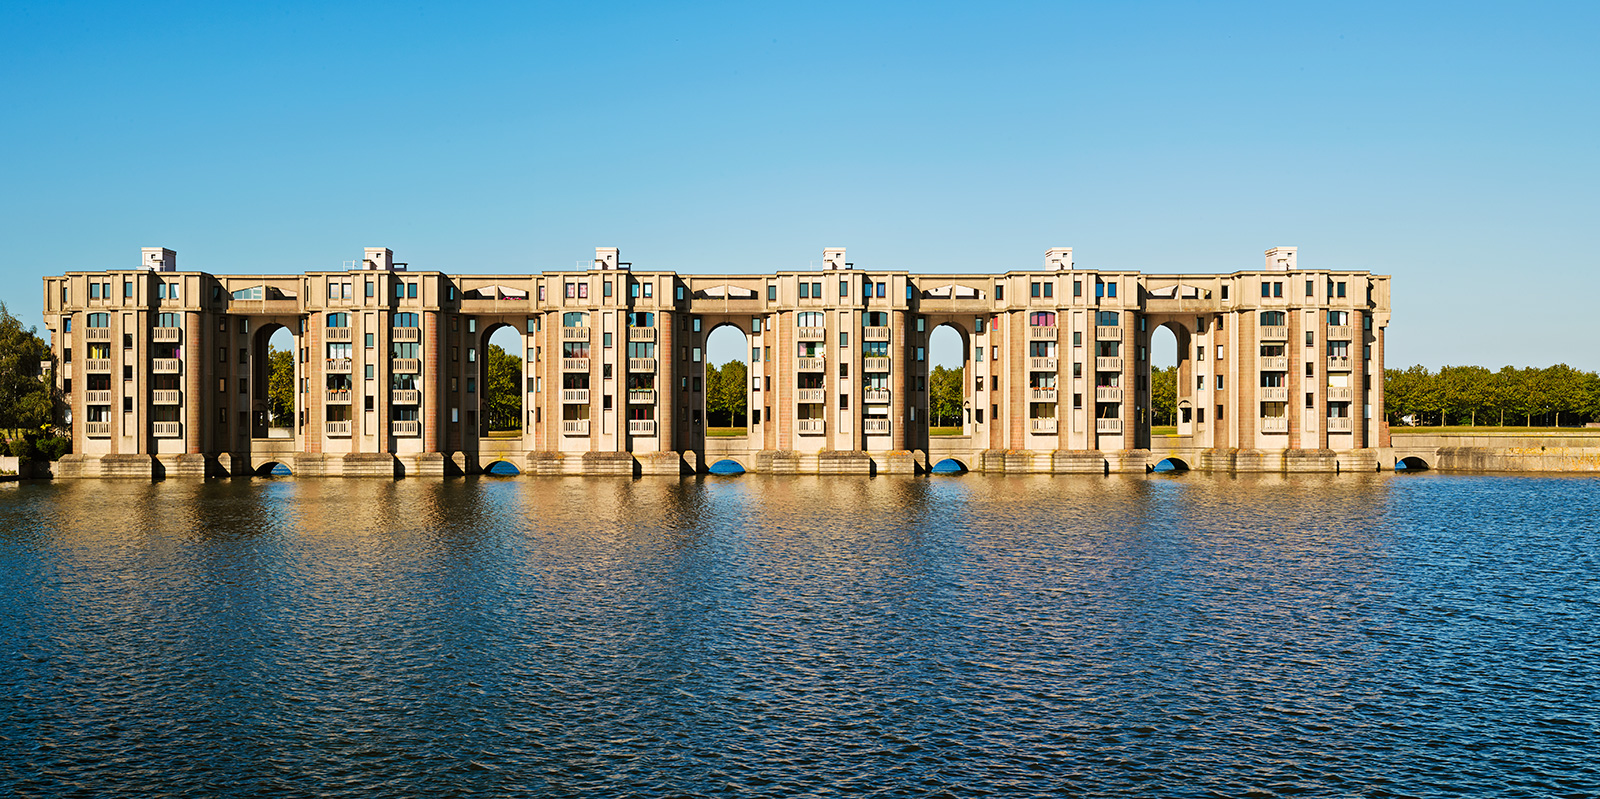 Arcades du Lac, Saint-Quentin-en-Yvelines, near Versailles, France, 1981. Photo Gregori Civera / courtesy of Ricardo Bofill Taller de Arquitectura, Ricardo Bofill, Gestalten 2019